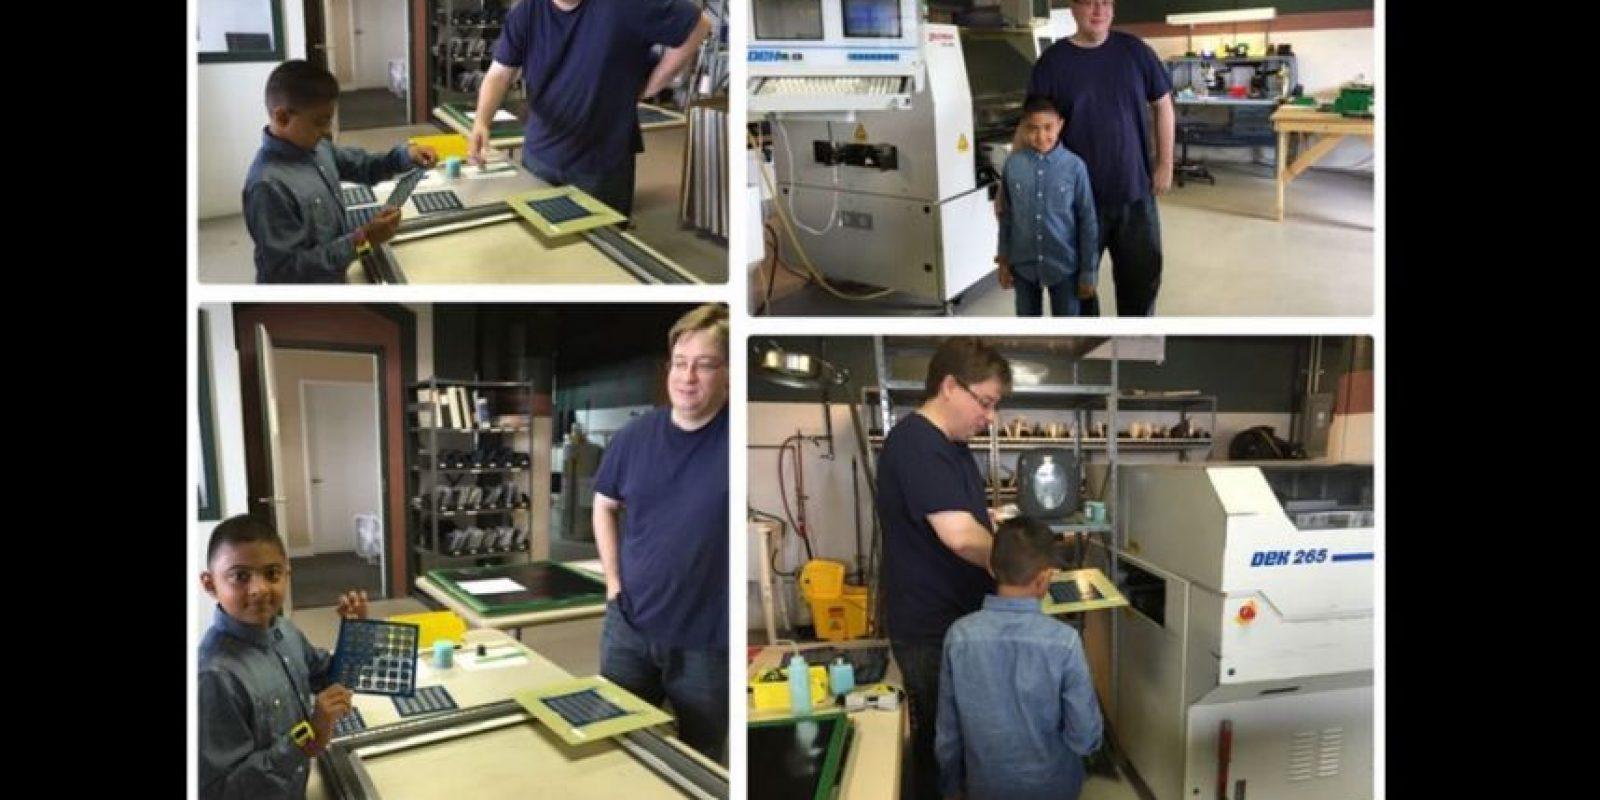 Le interesa la electrónica y la programación desde hace tres años cuando asistió por segunda vez a la Maker Faire Foto:O Watch/Kickstarter